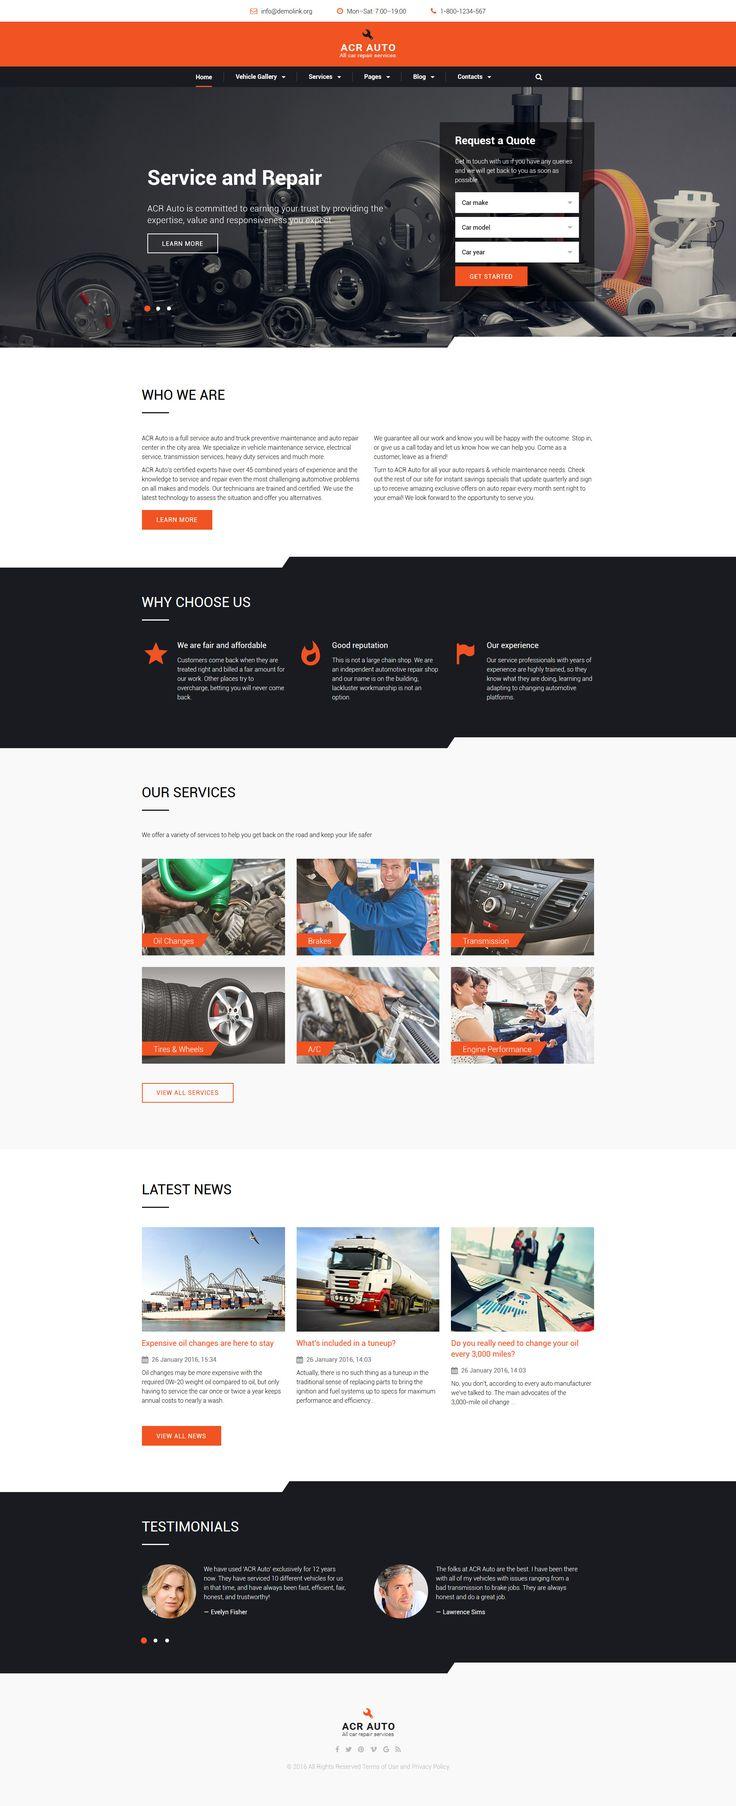 Acr auto website template